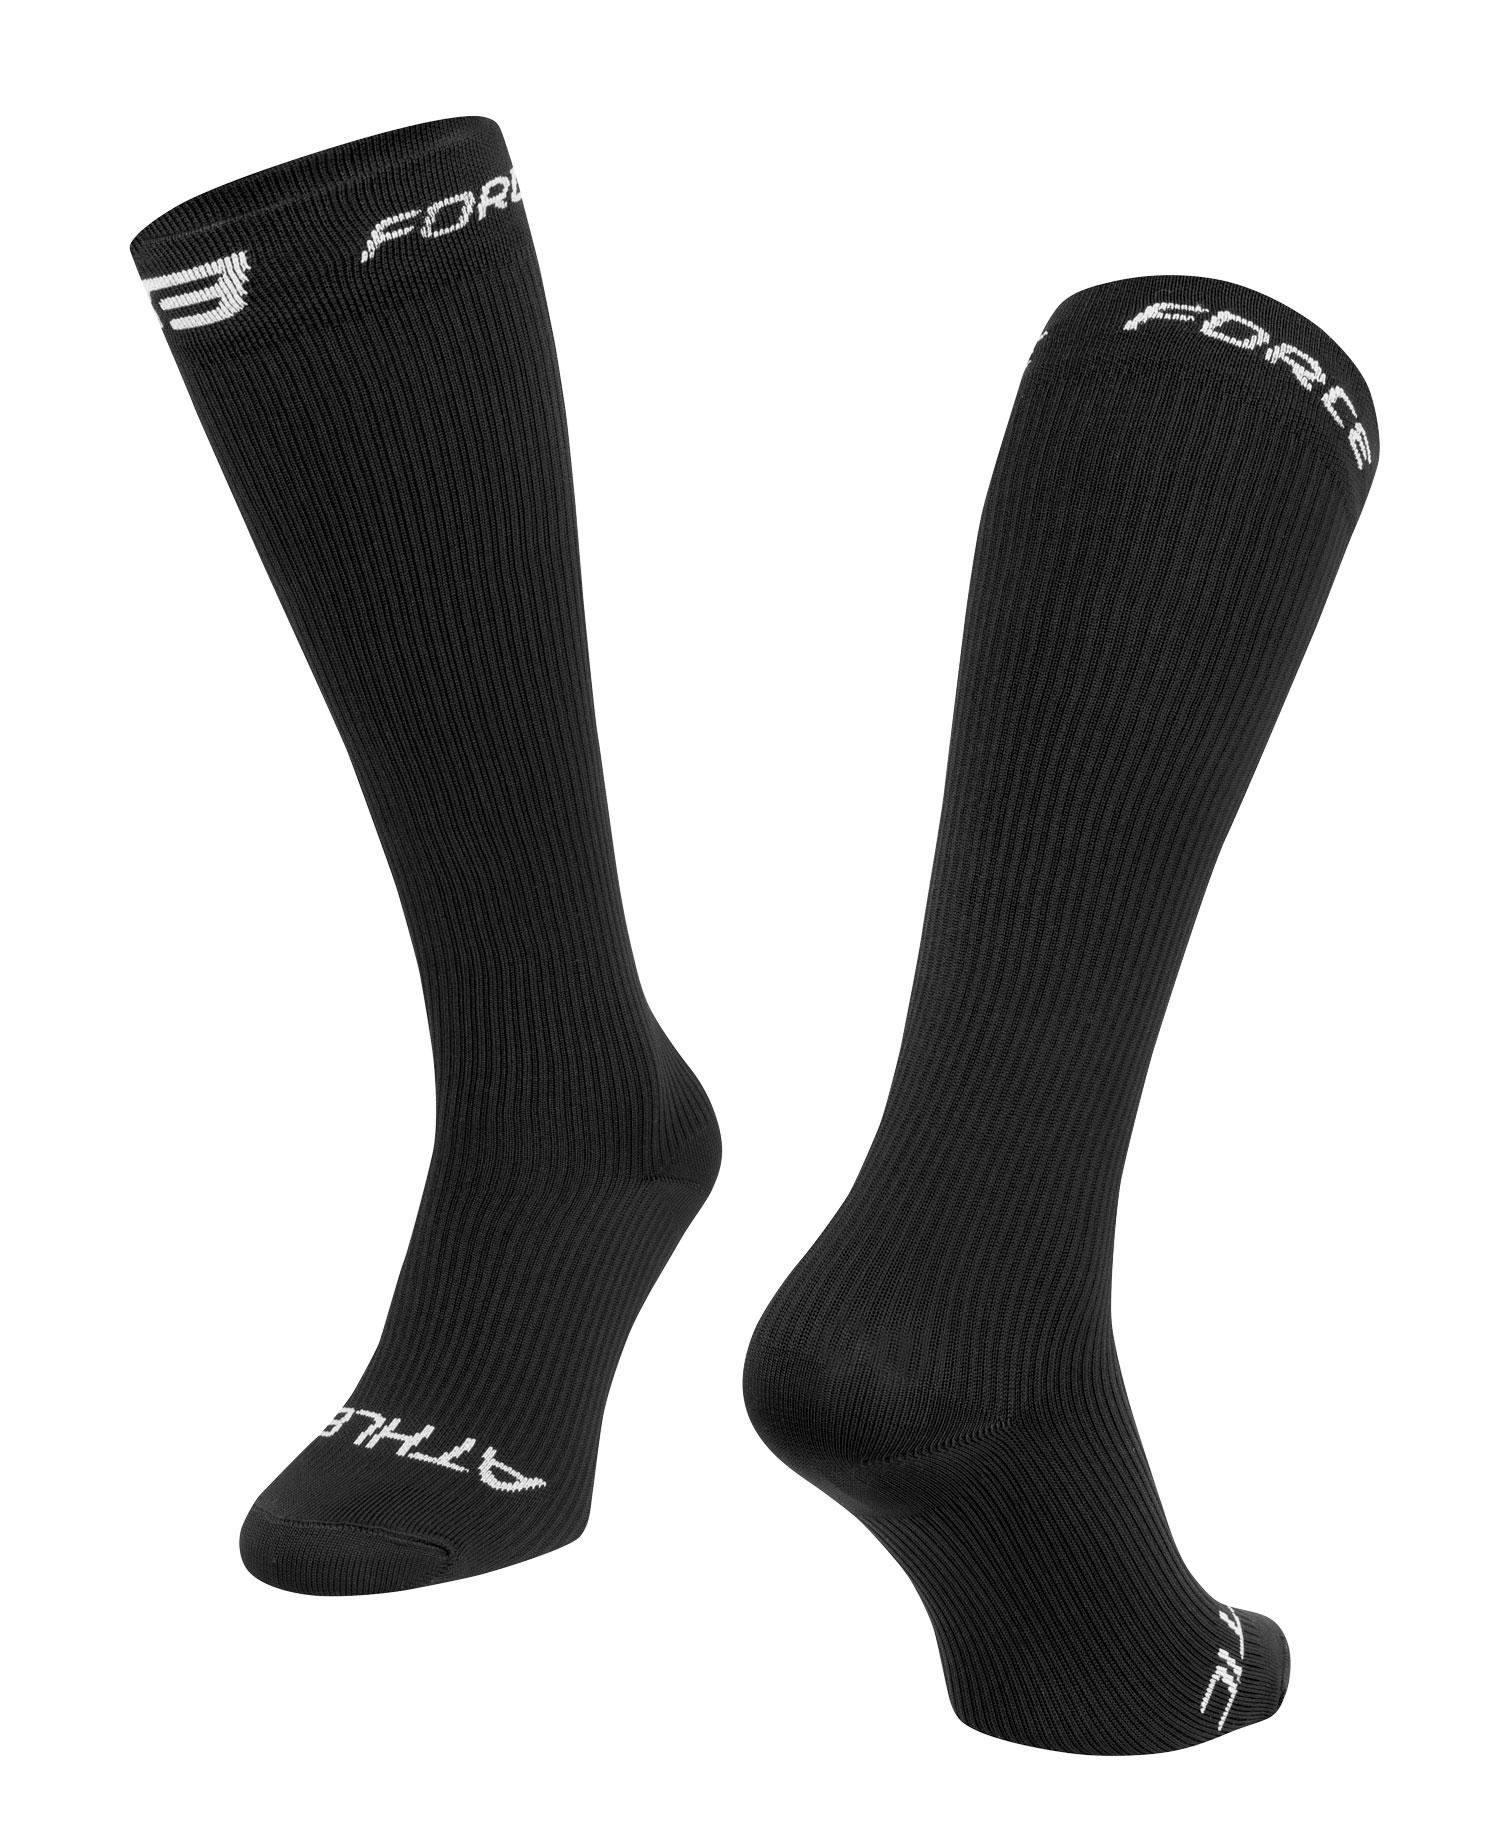 ponožky FORCE ATHLETIC KOMPRESNÍ, černé S - M